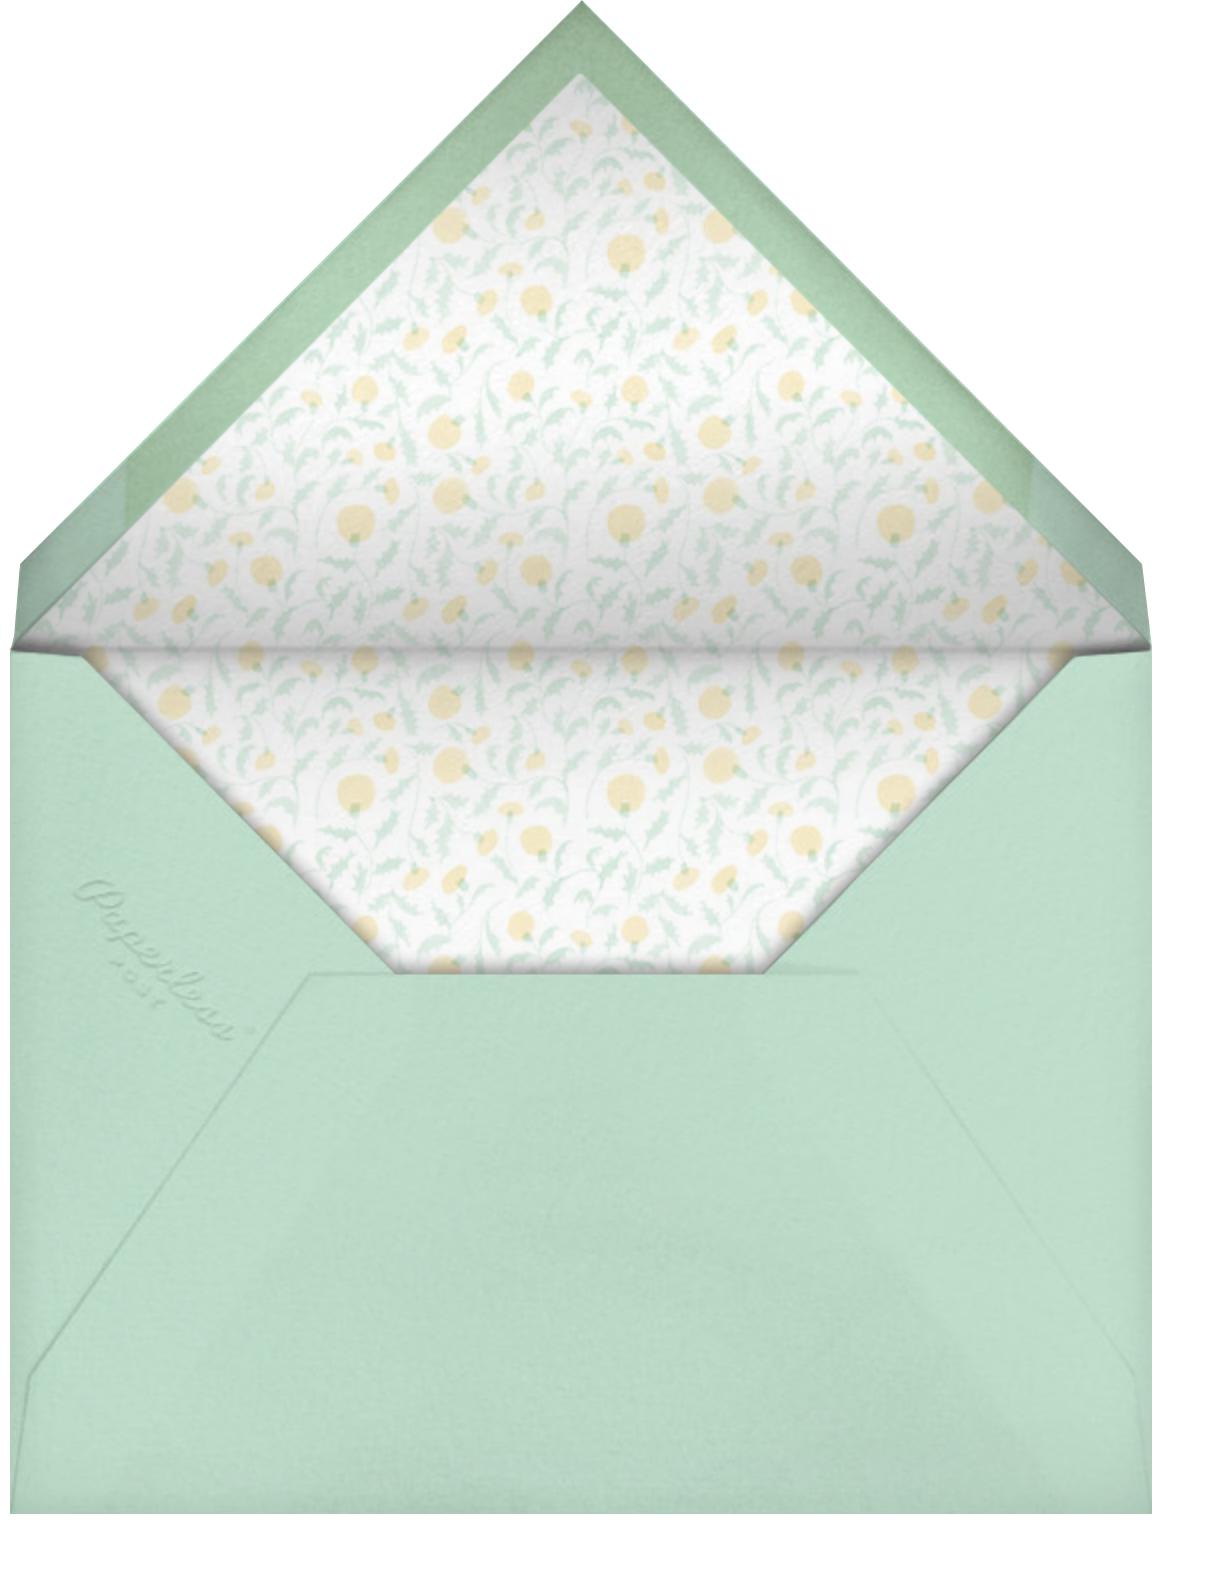 Toadstool - Paperless Post - Envelope